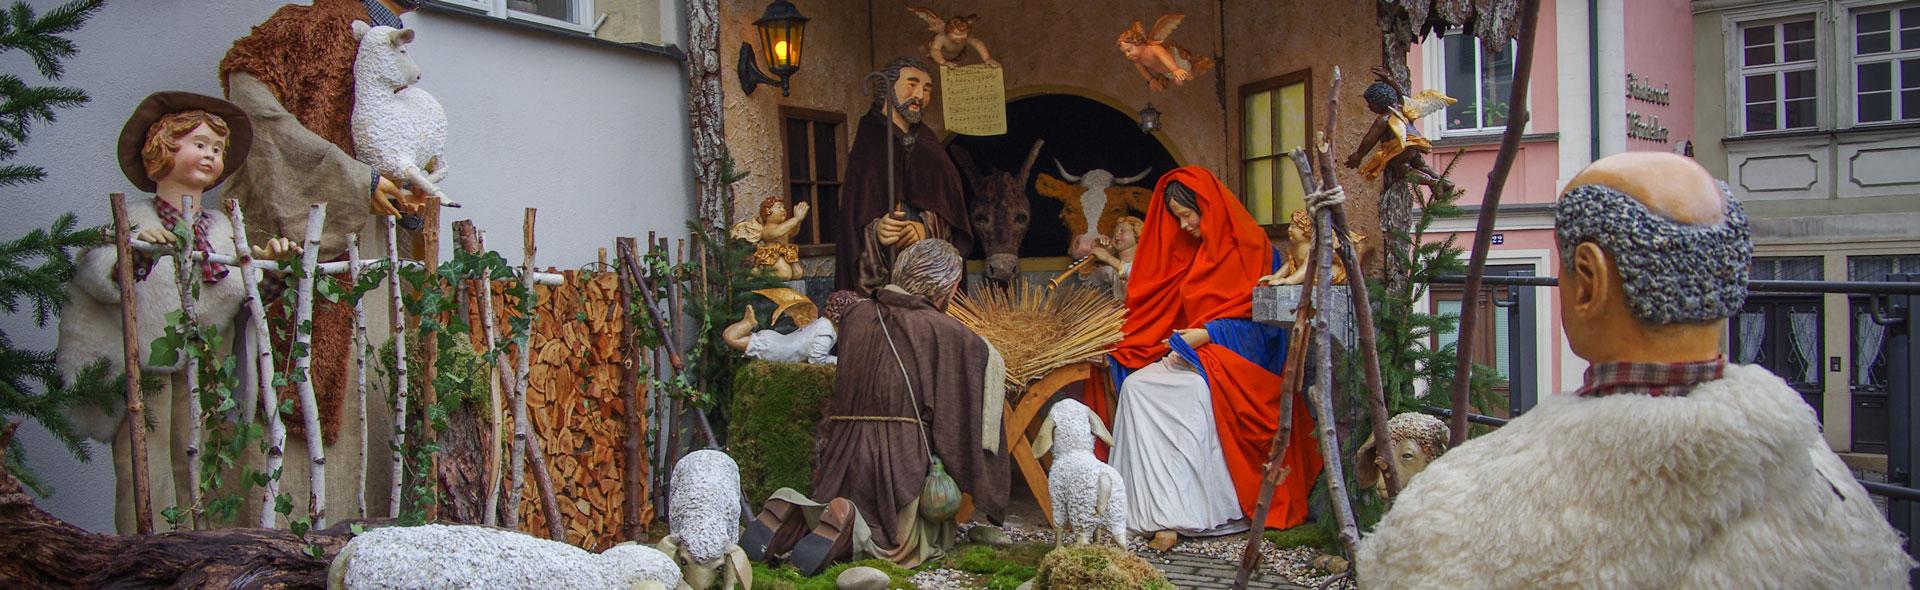 Das Weihnachtslamm